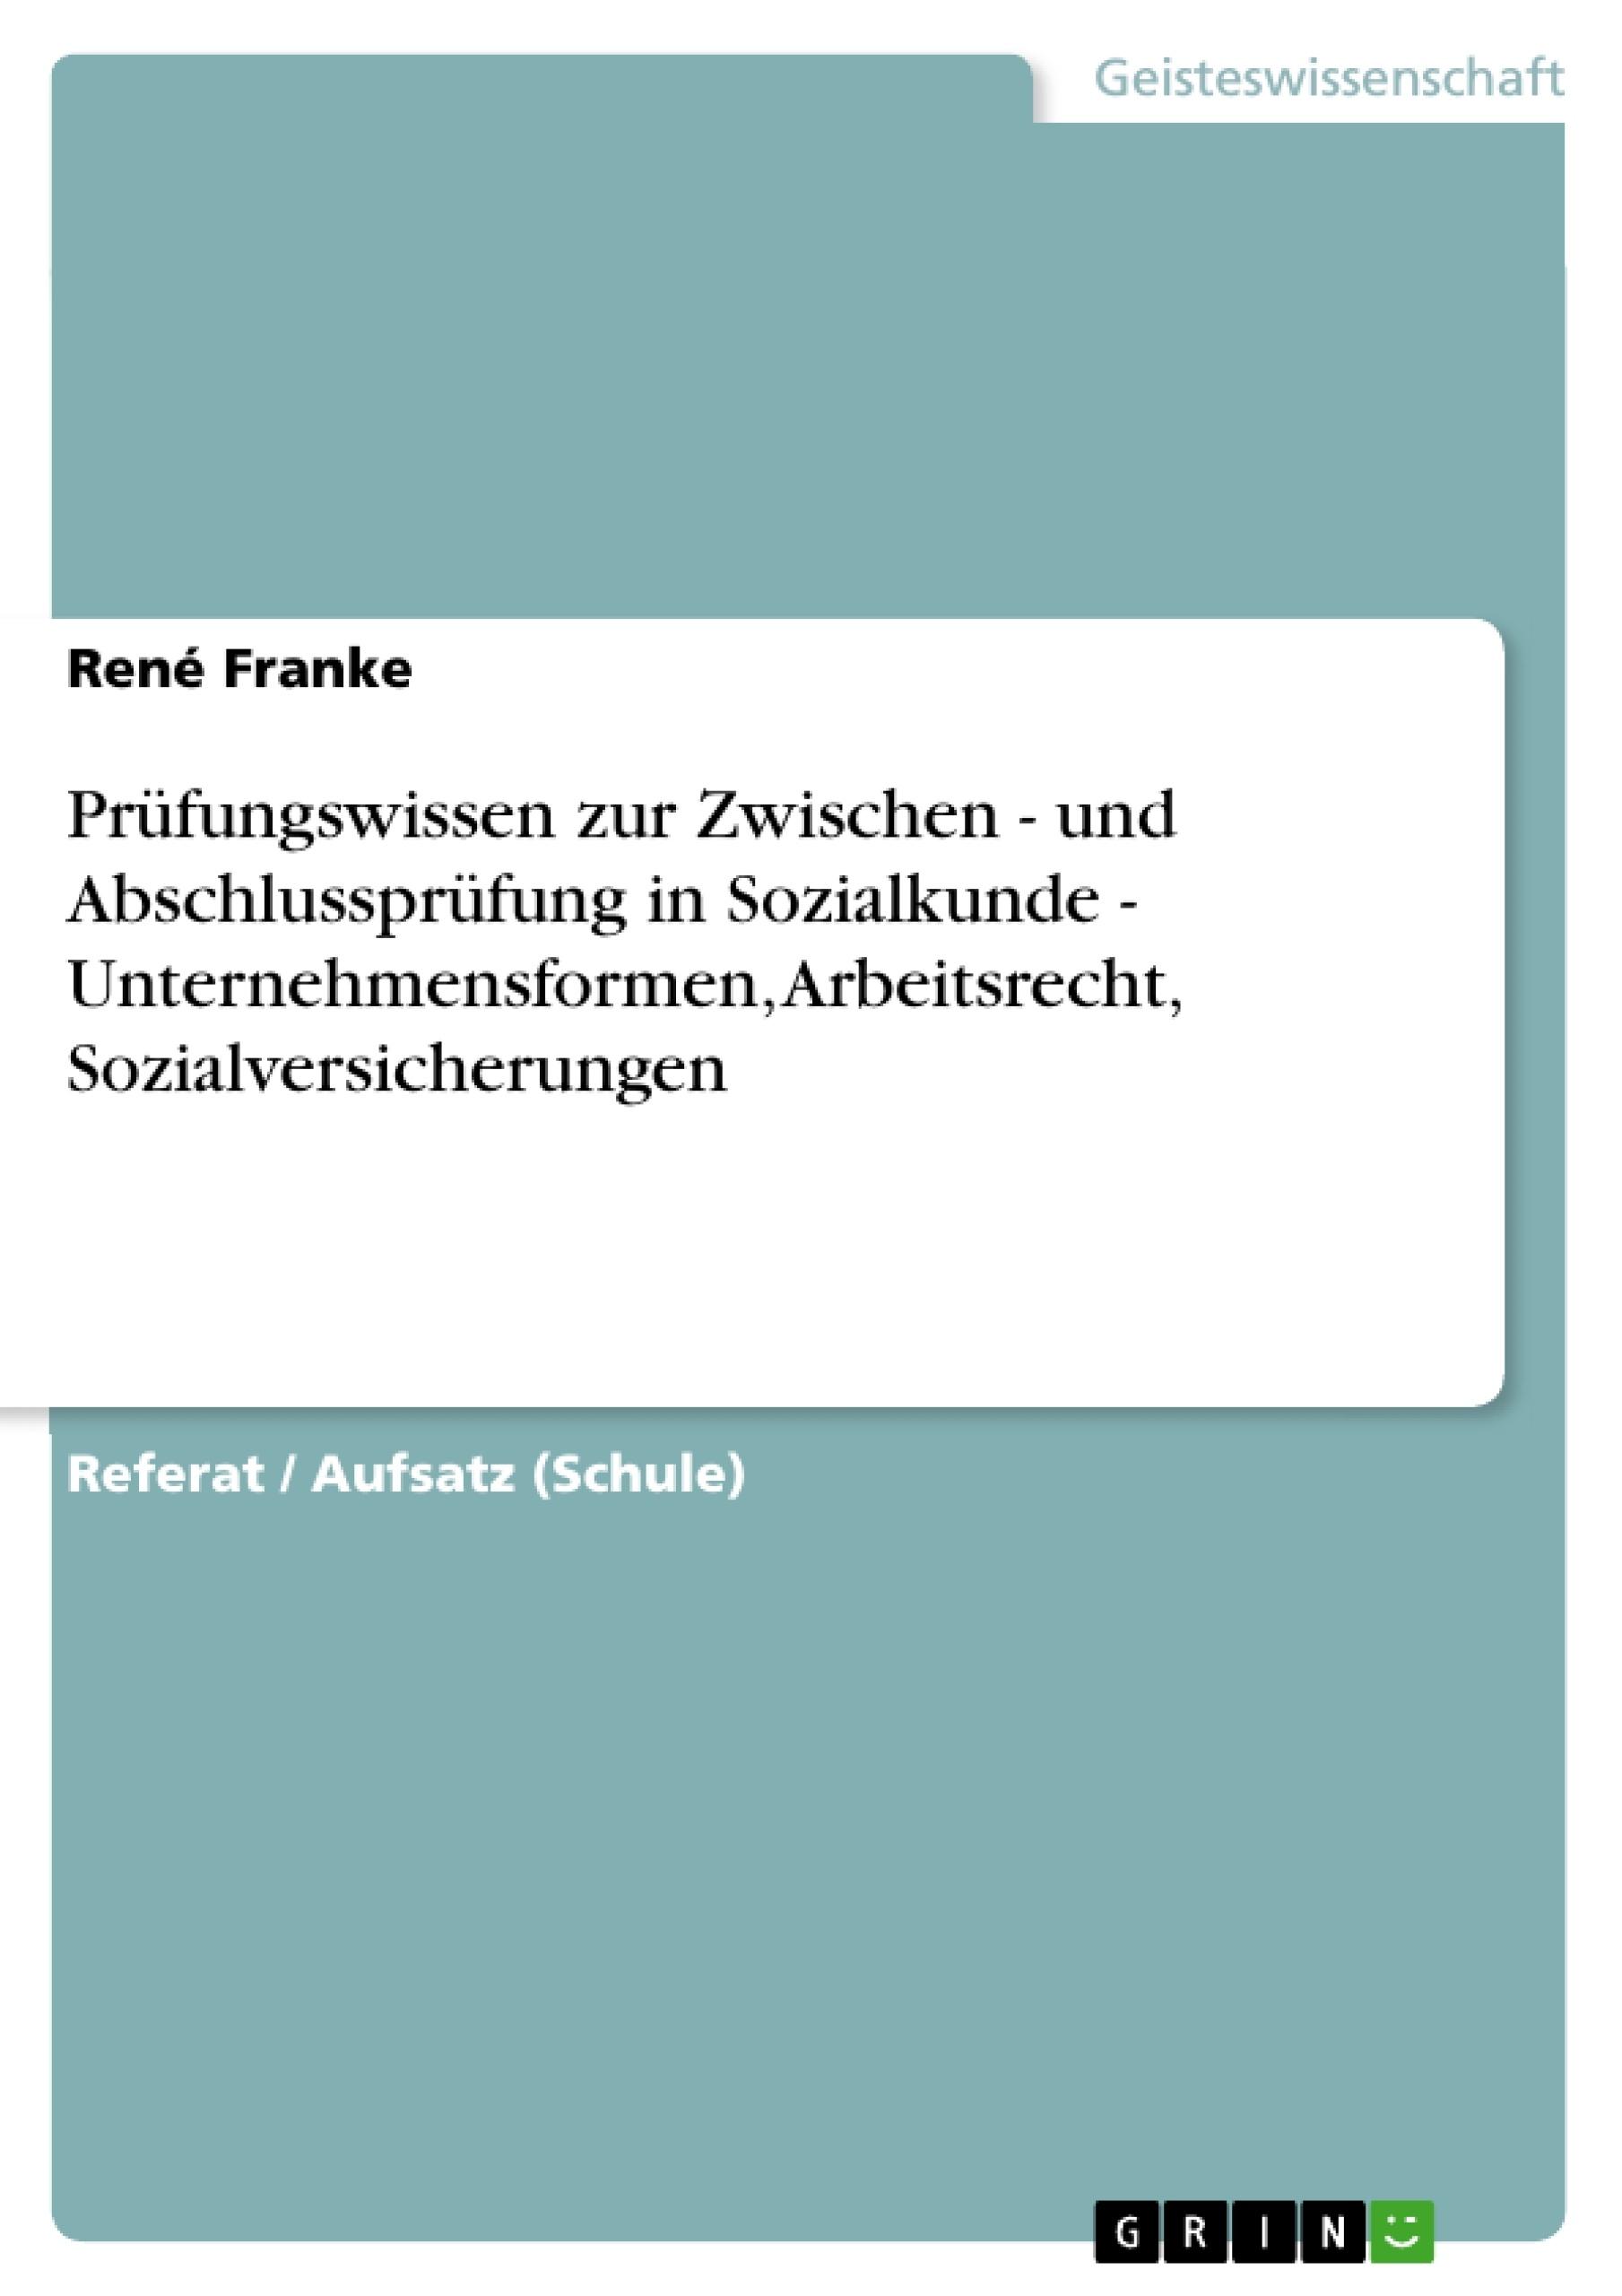 Titel: Prüfungswissen zur Zwischen - und Abschlussprüfung in Sozialkunde - Unternehmensformen, Arbeitsrecht, Sozialversicherungen